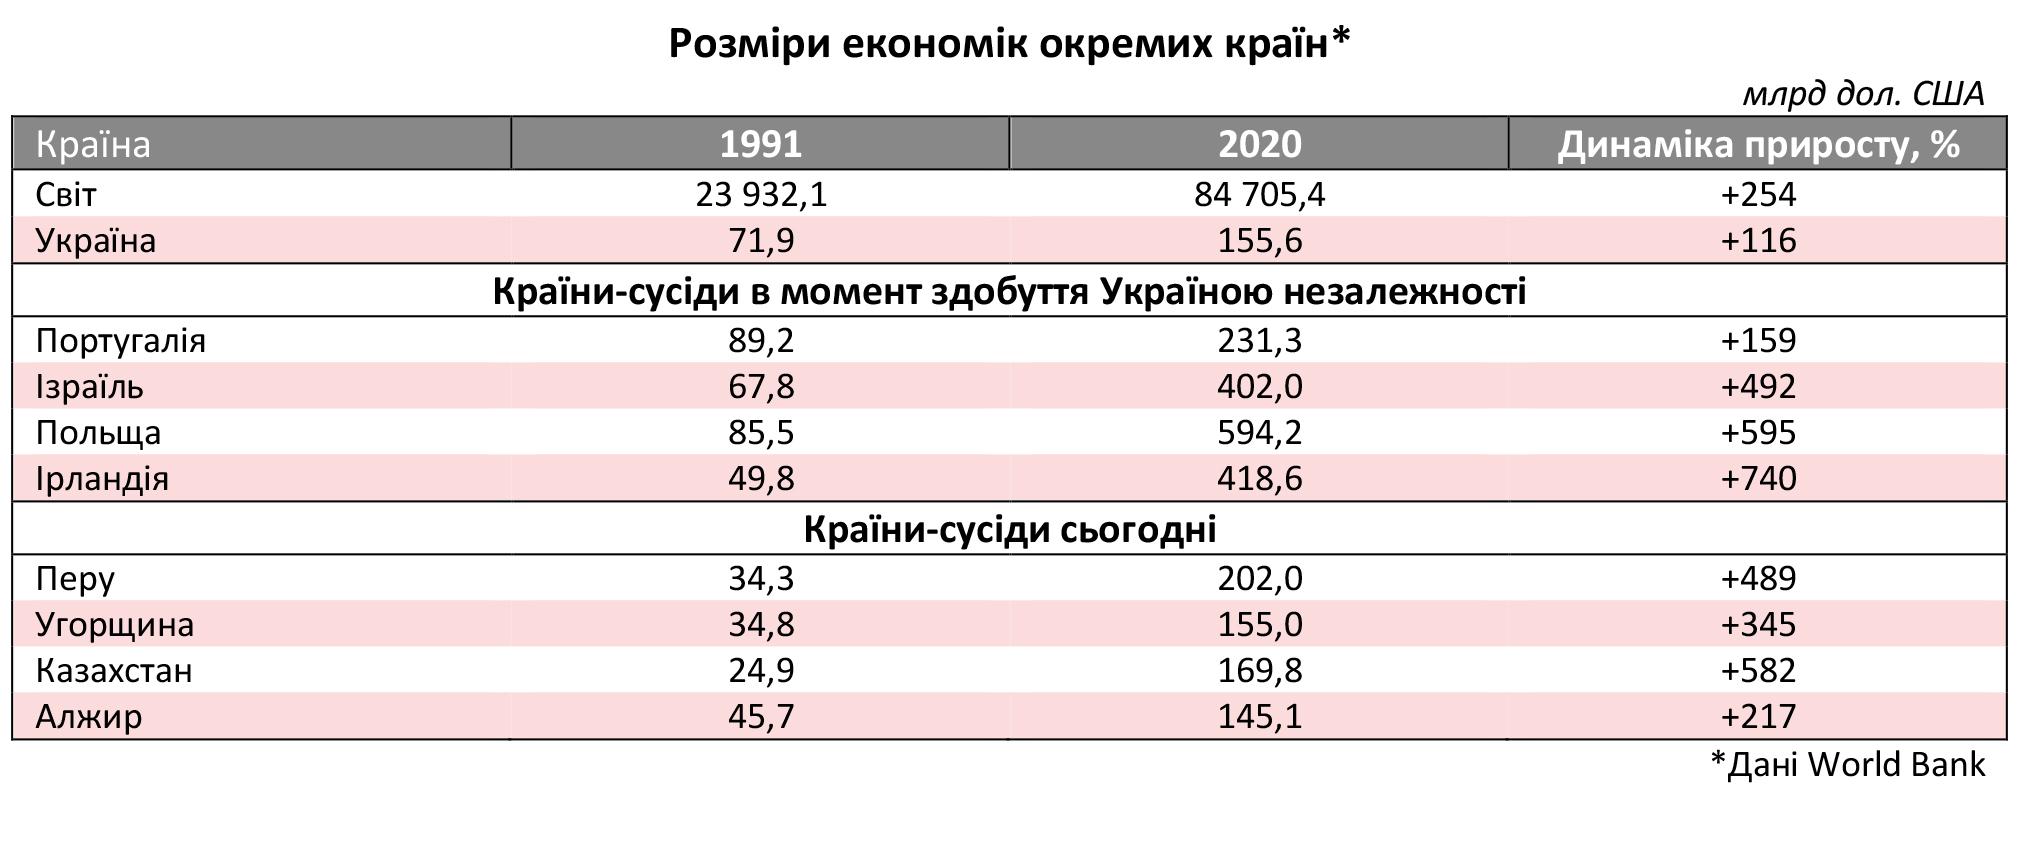 Украина 30: экономическое положение нашего государства после выхода из СССР — чем запомнился 1991 год  — фото 1